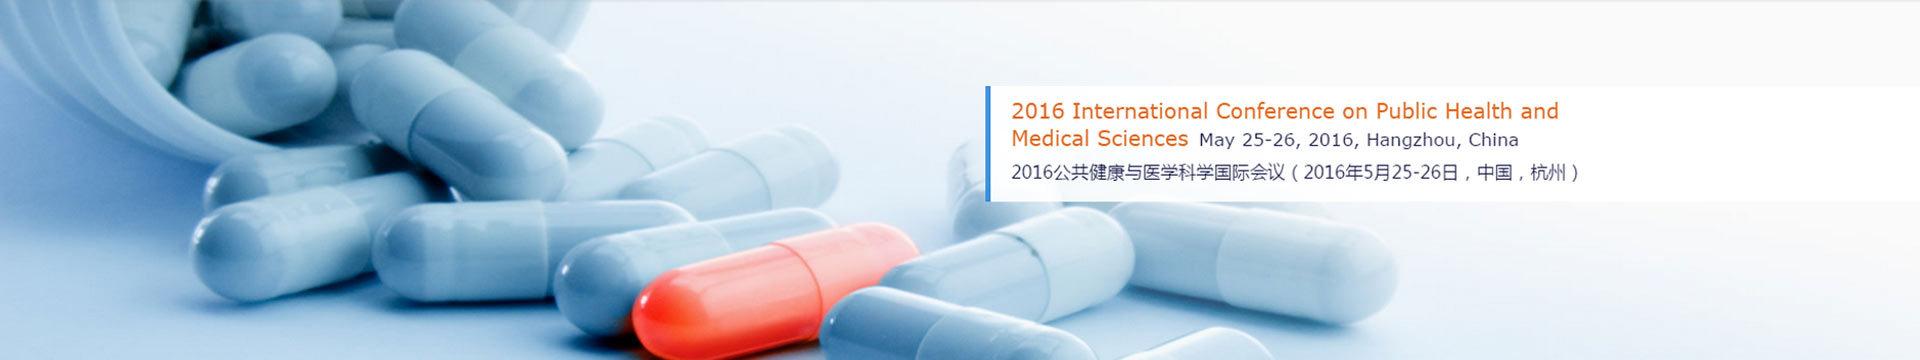 2016公共健康与医学科学国际会议